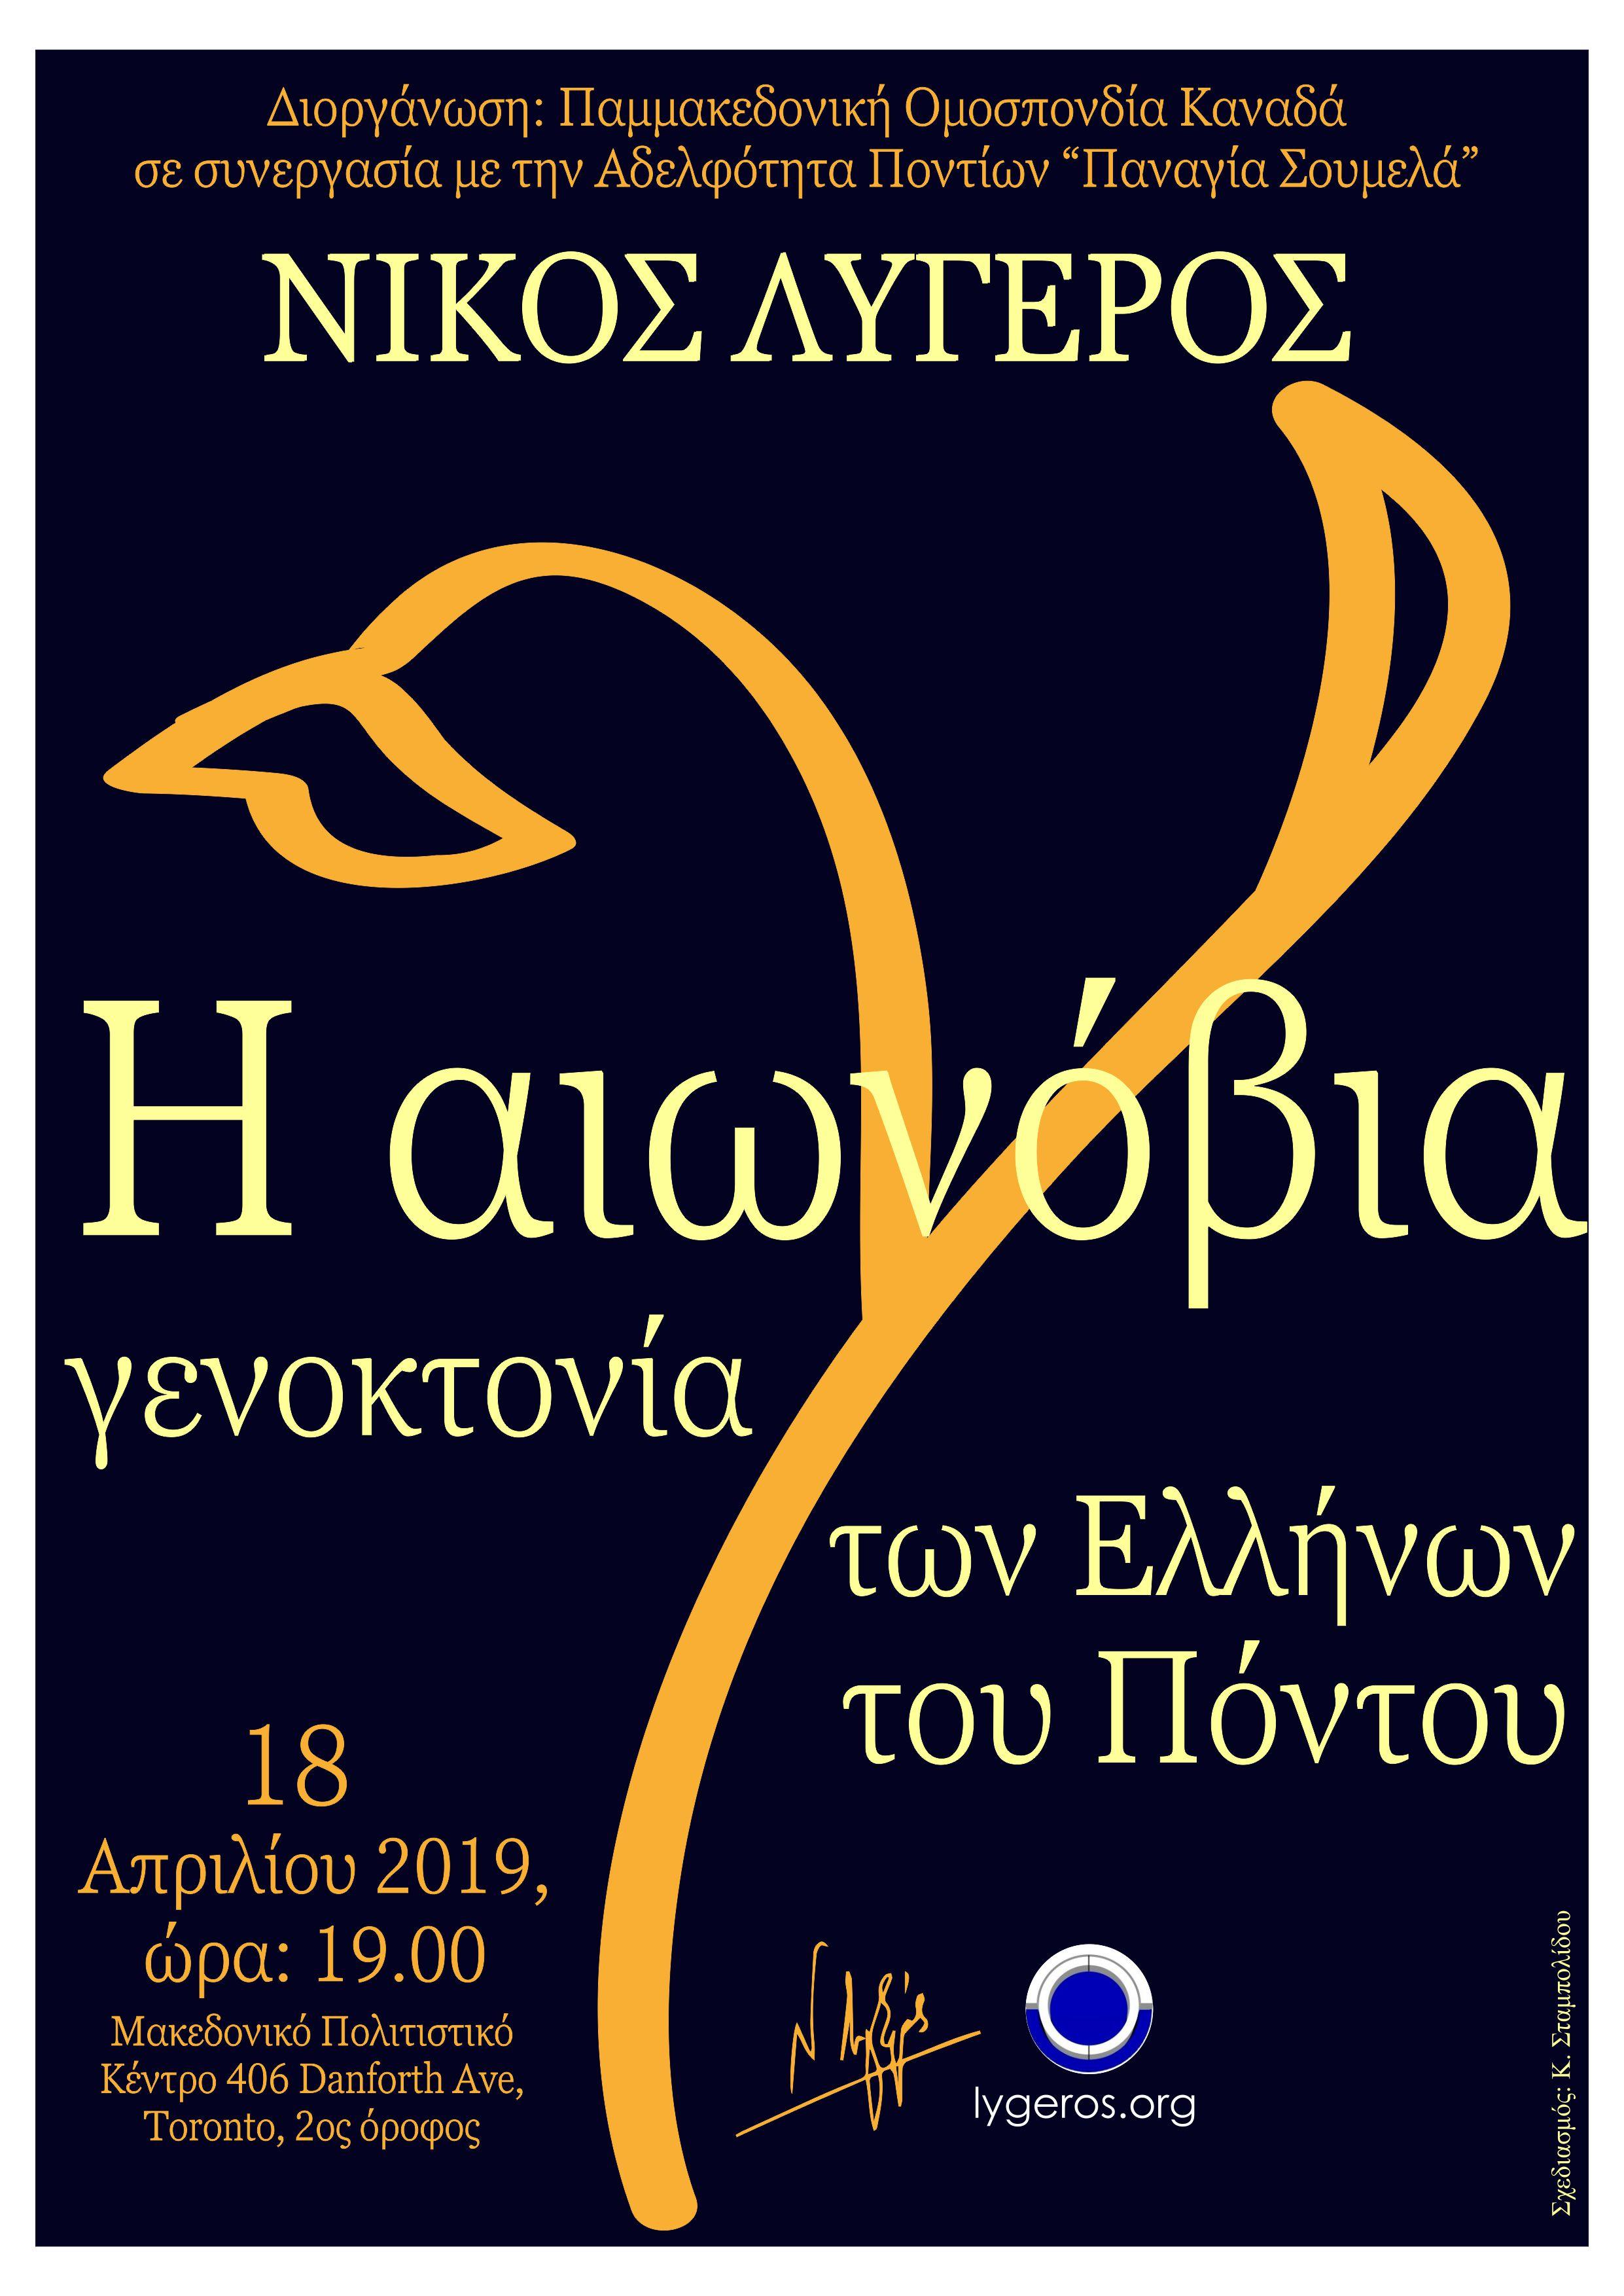 Διάλεξη: Η αιωνόβια γενοκτονία των Ελλήνων του Πόντου